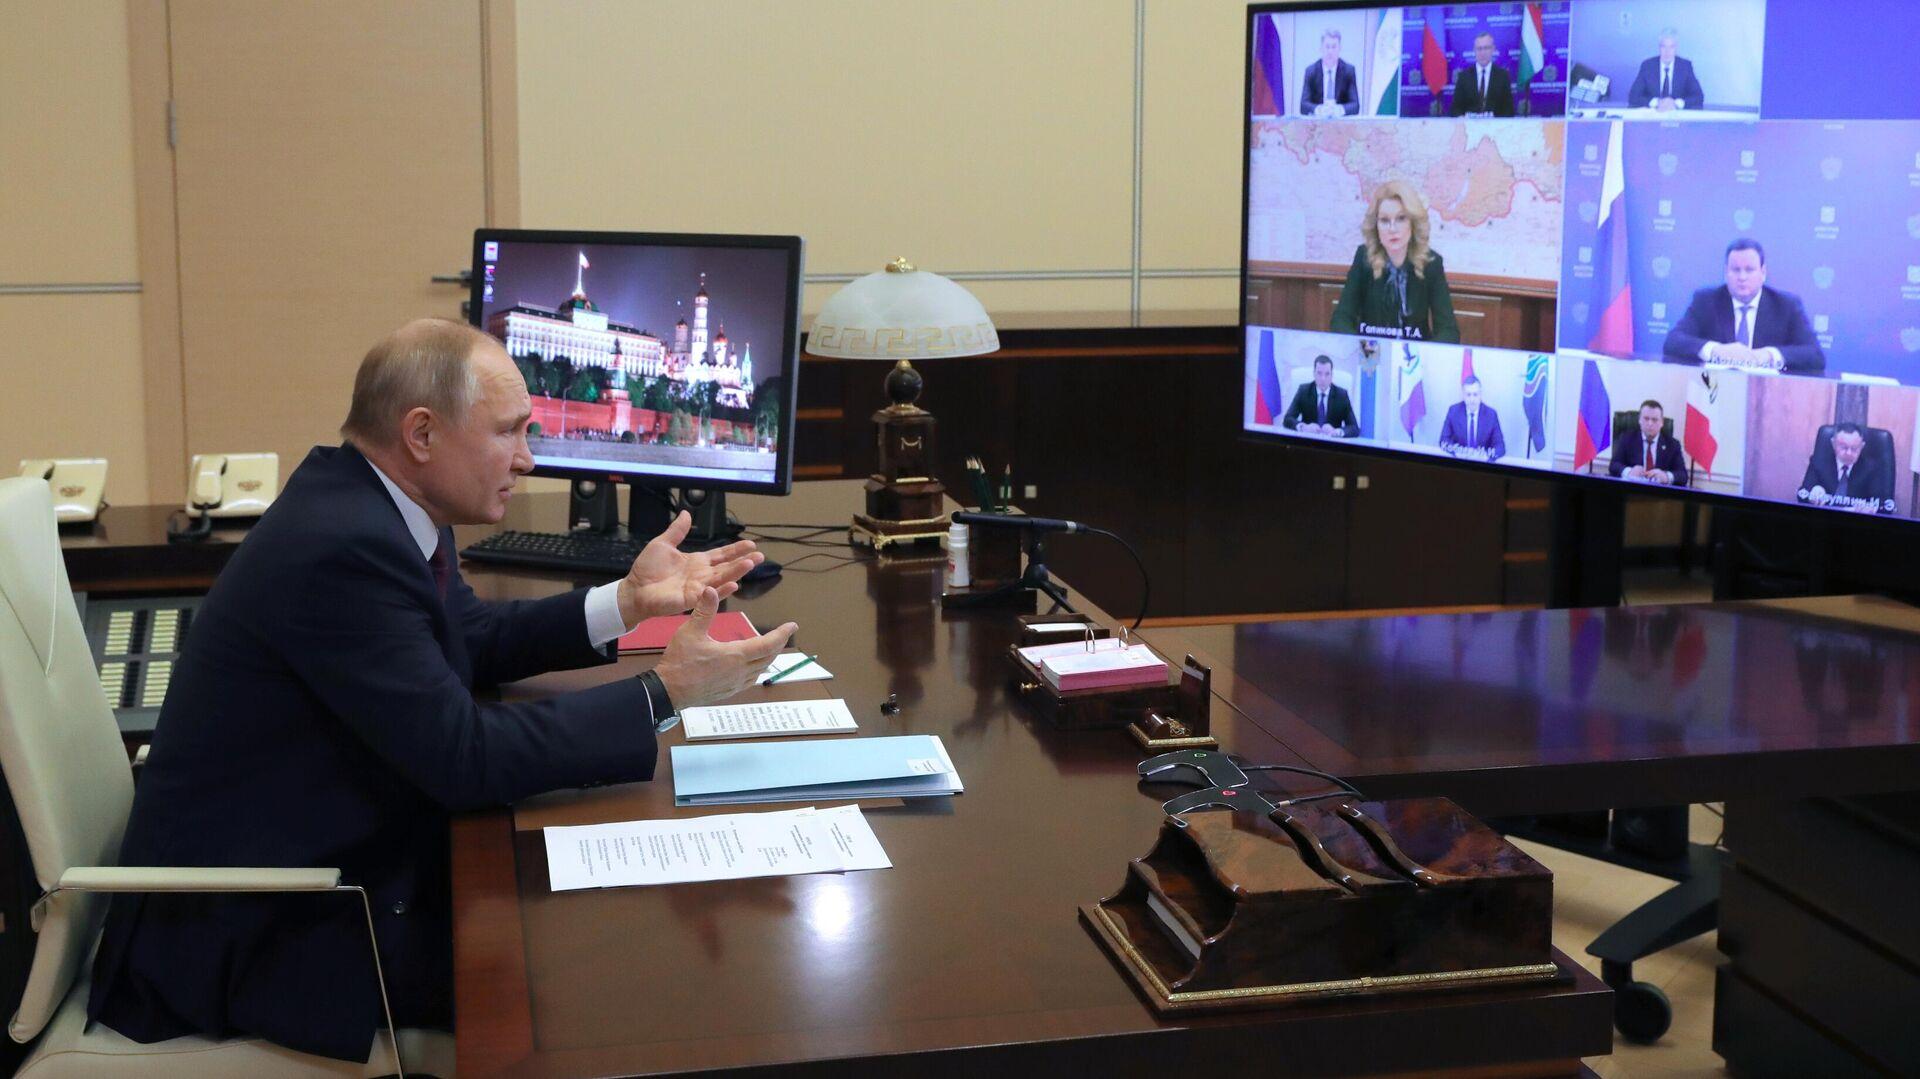 Президент РФ Владимир Путин проводит в режиме видеоконференции совещание по вопросам социальной защиты населения - РИА Новости, 1920, 05.01.2021